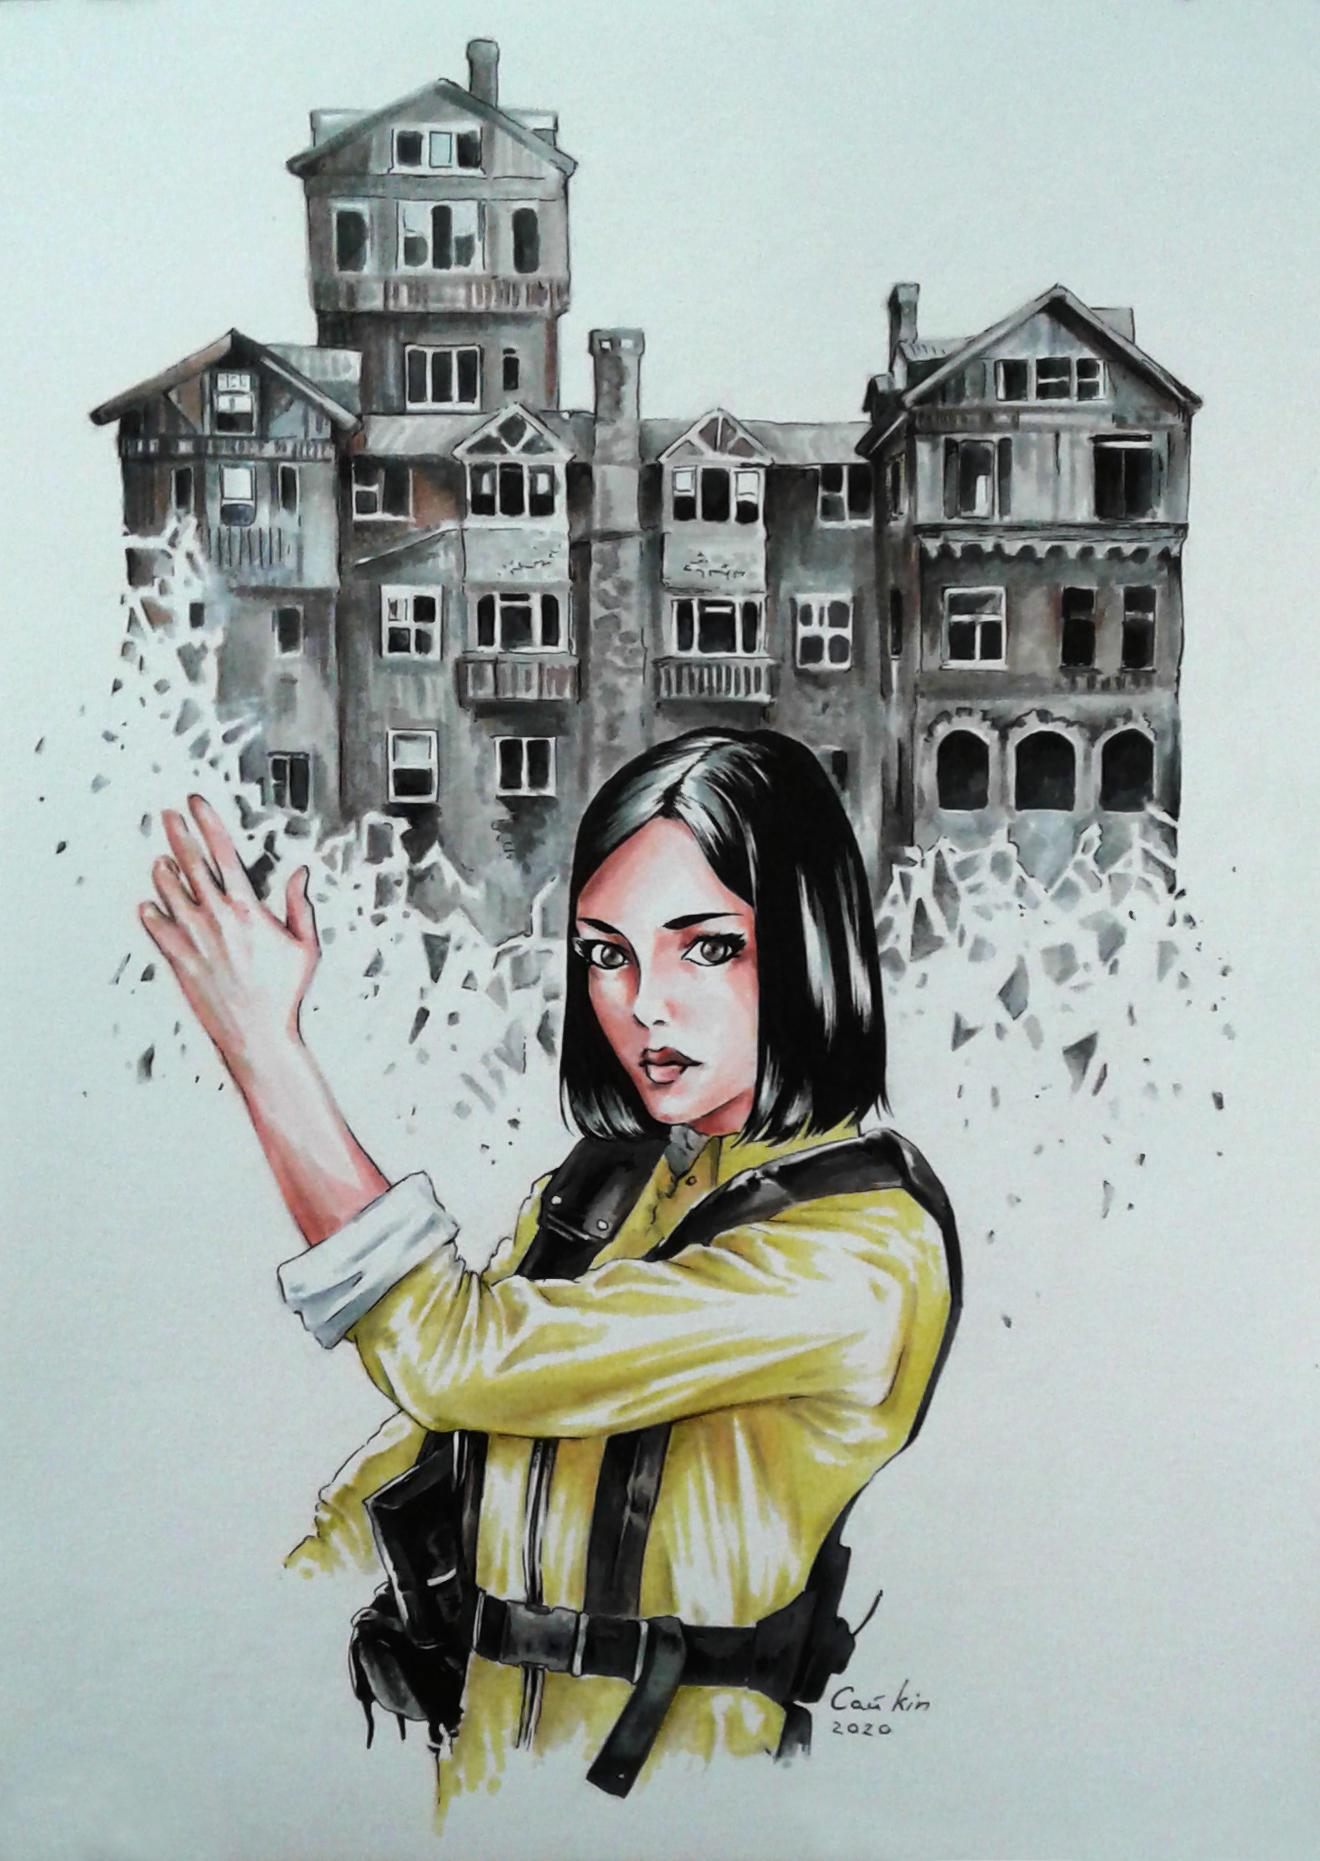 Юная мисс  Уоттс и разрушенные ею воздушные замки.